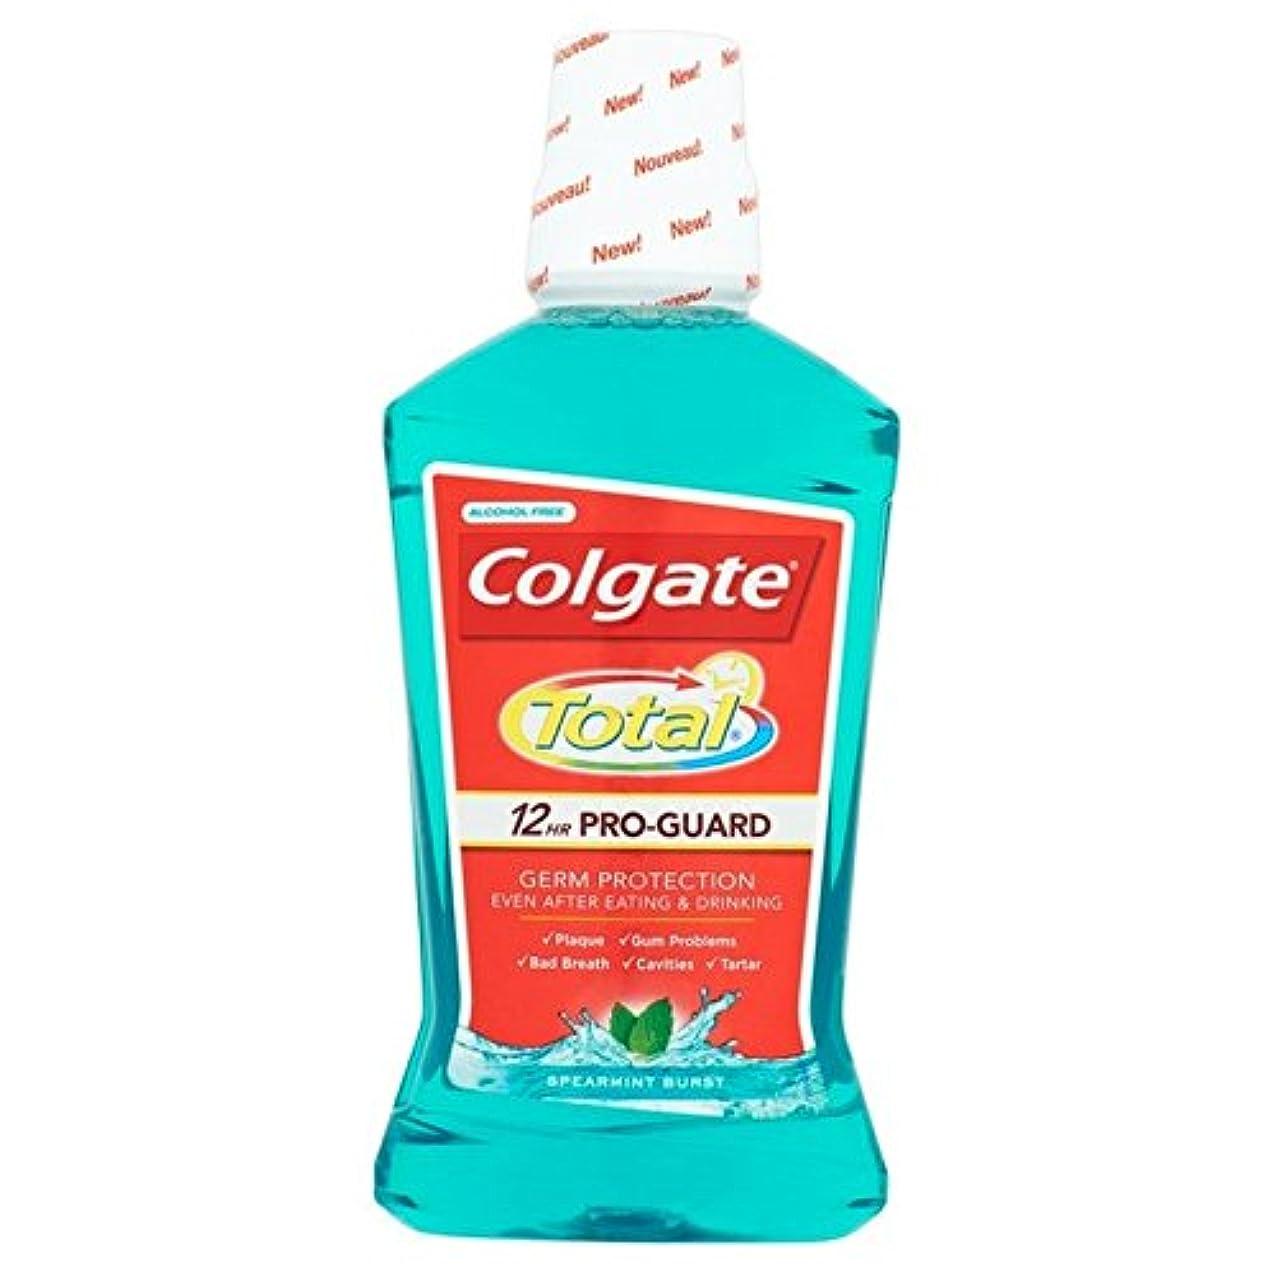 施し下品日常的にColgate Total Advanced Green Mouthwash 500ml 500ml (Pack of 6) - コルゲートトータル先進的な緑色のマウスウォッシュ500ミリリットル500ミリリットル x6 [並行輸入品]